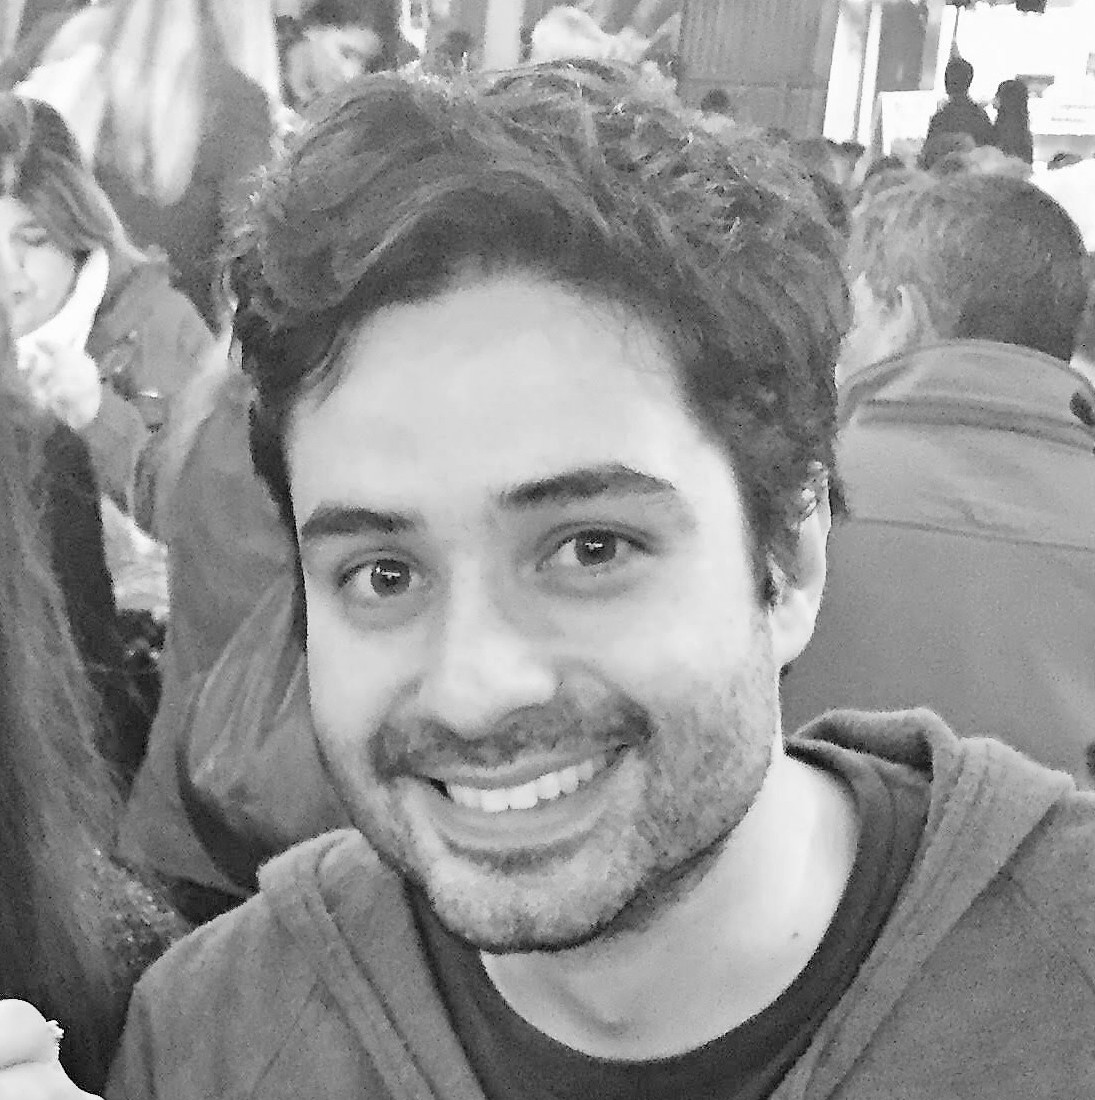 Nicolas Maldonado, Mobile Engineer